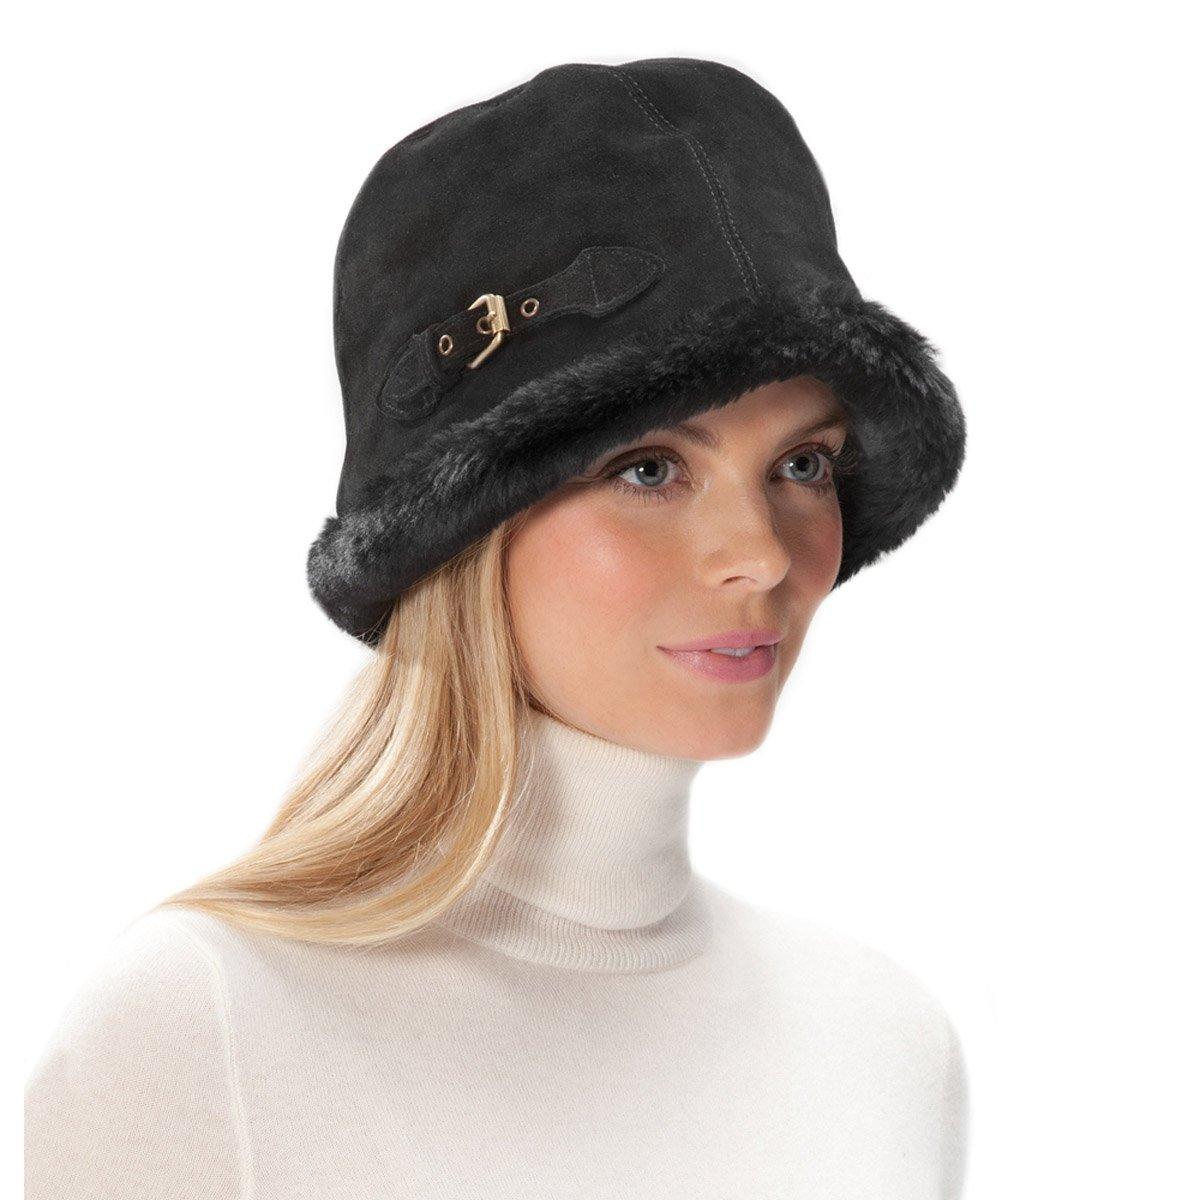 Eric Javits Luxury Fashion Designer Women's Headwear Hat - Vail - Black